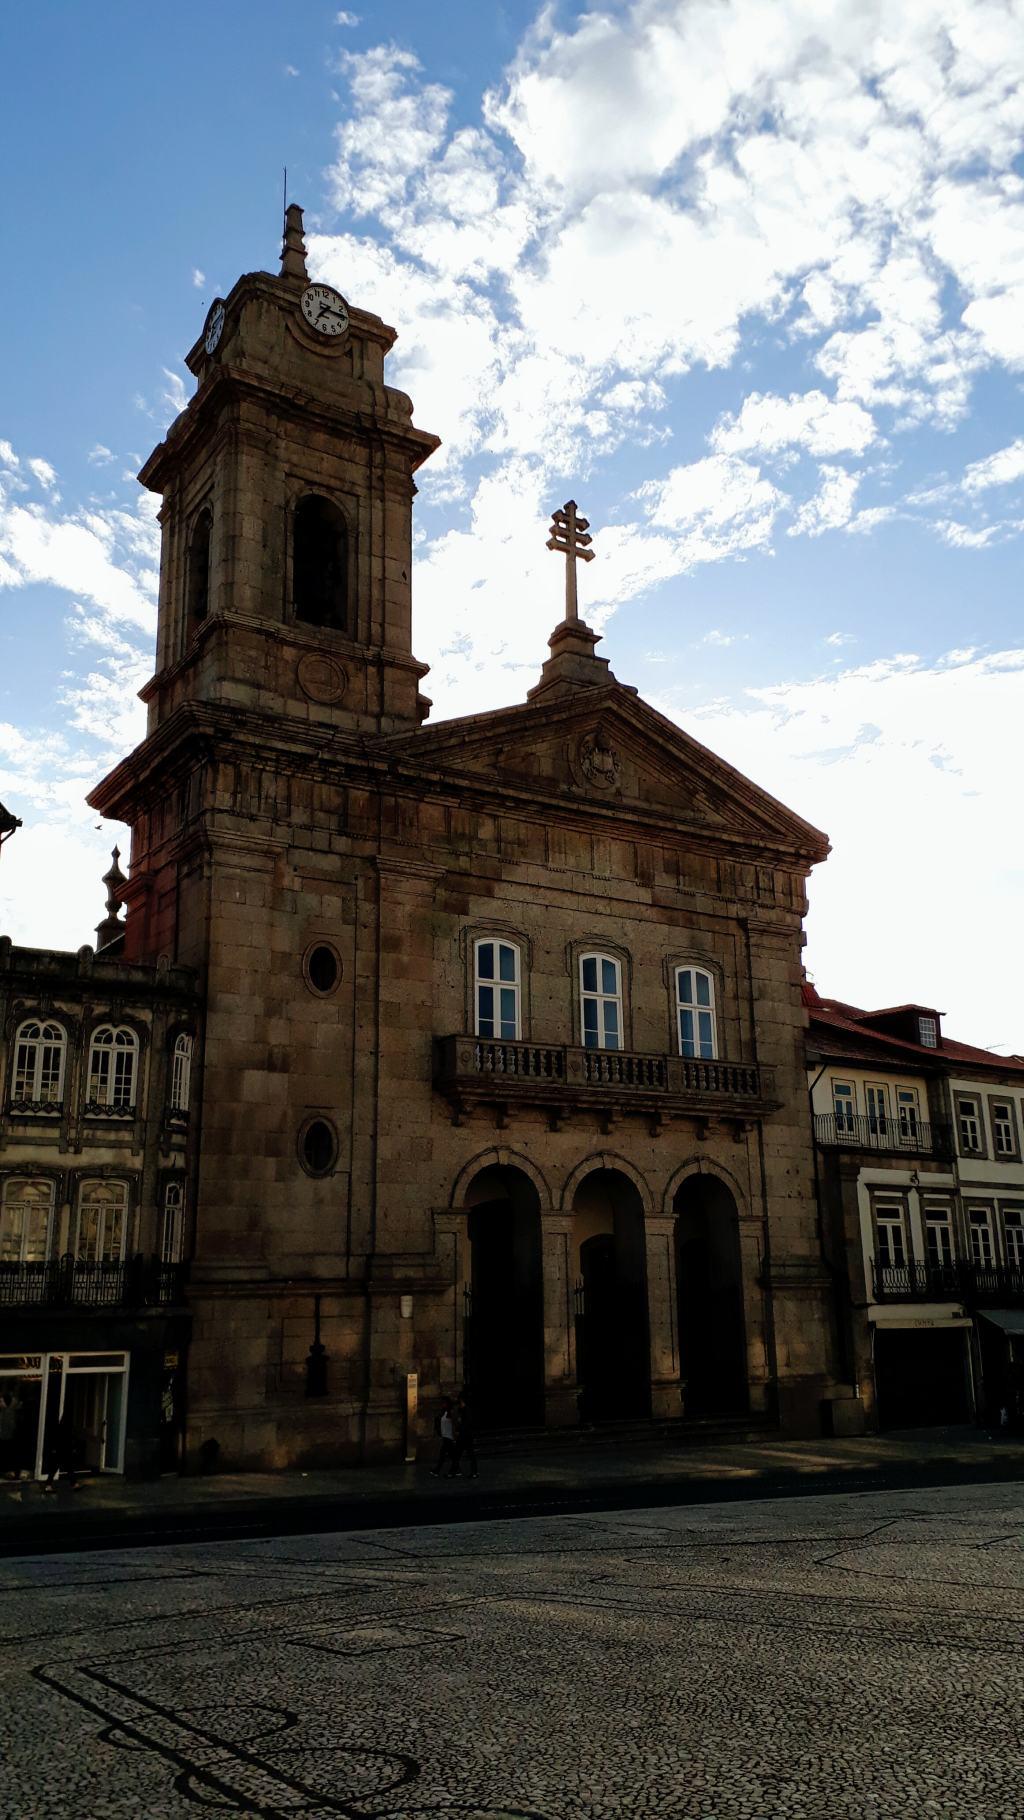 Basílica de São Pedro am Largo do Toural